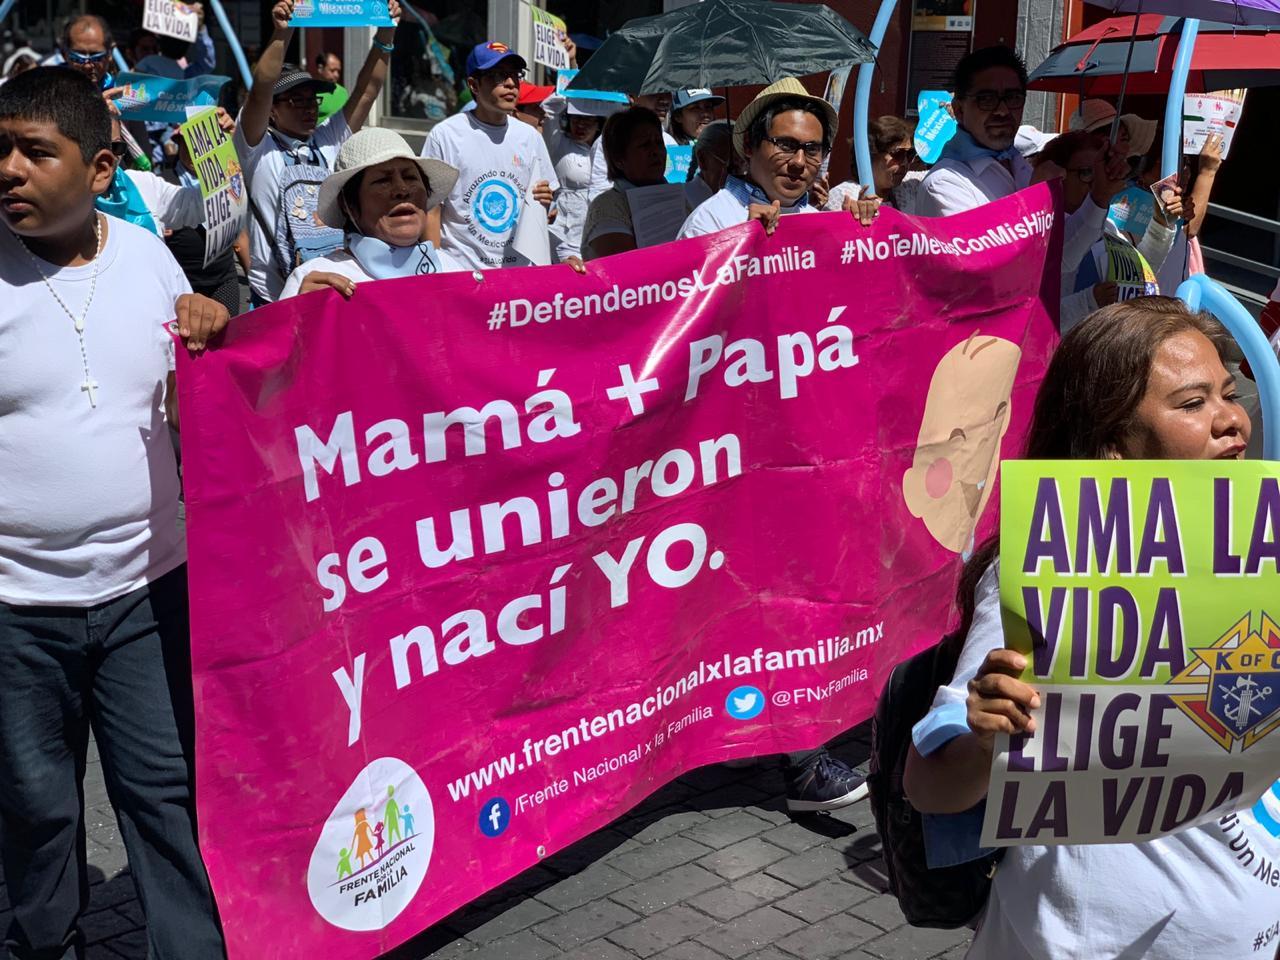 FNF protesta contra prohibición de terapias de conversión